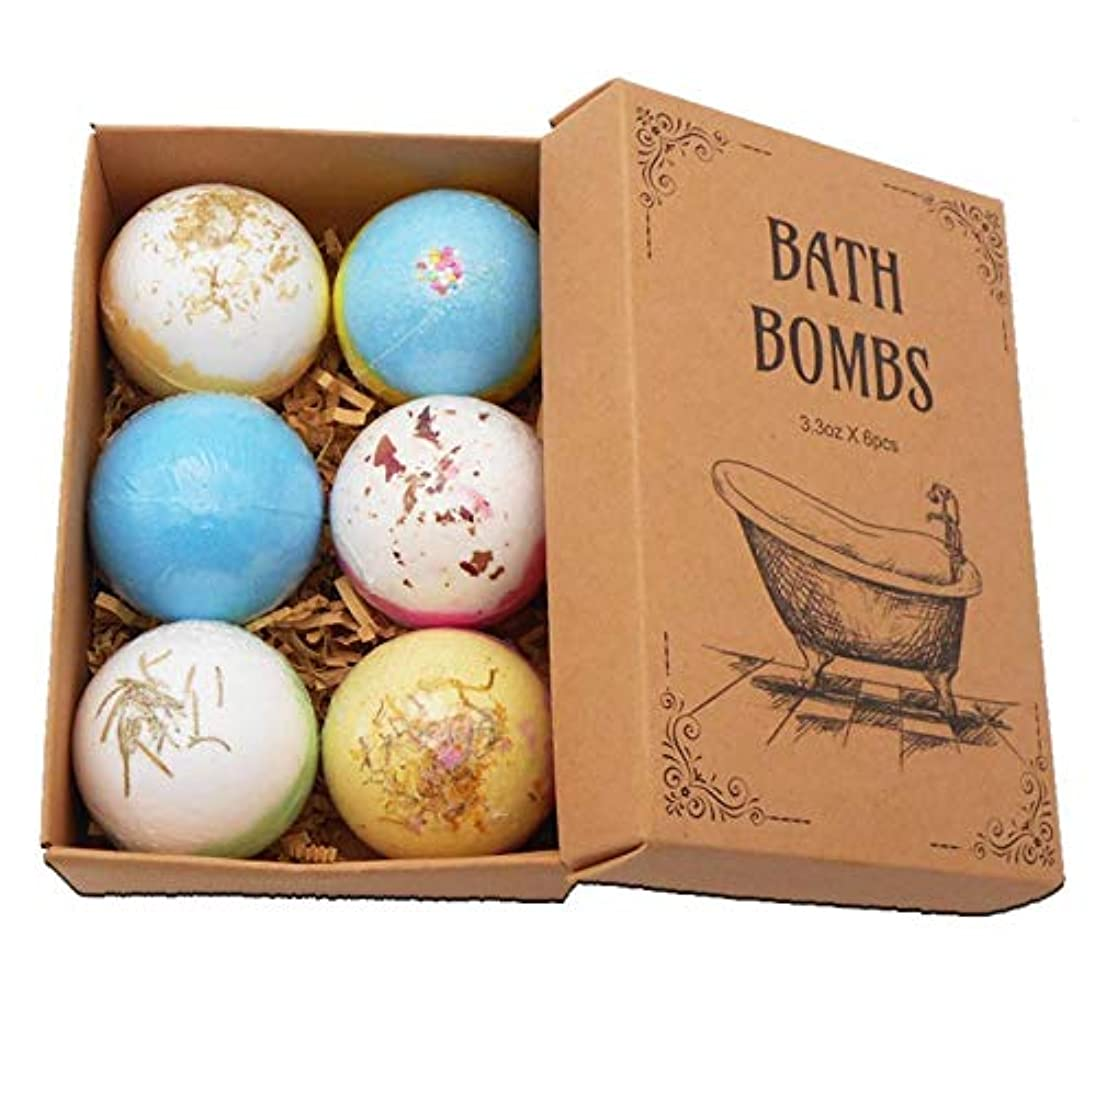 階下器具電球Coldwhite 6PCSバスボム 自然な手作りの海塩ラベンダー風呂爆弾 母のガールフレンドのためのスパ発泡爆弾ギフト